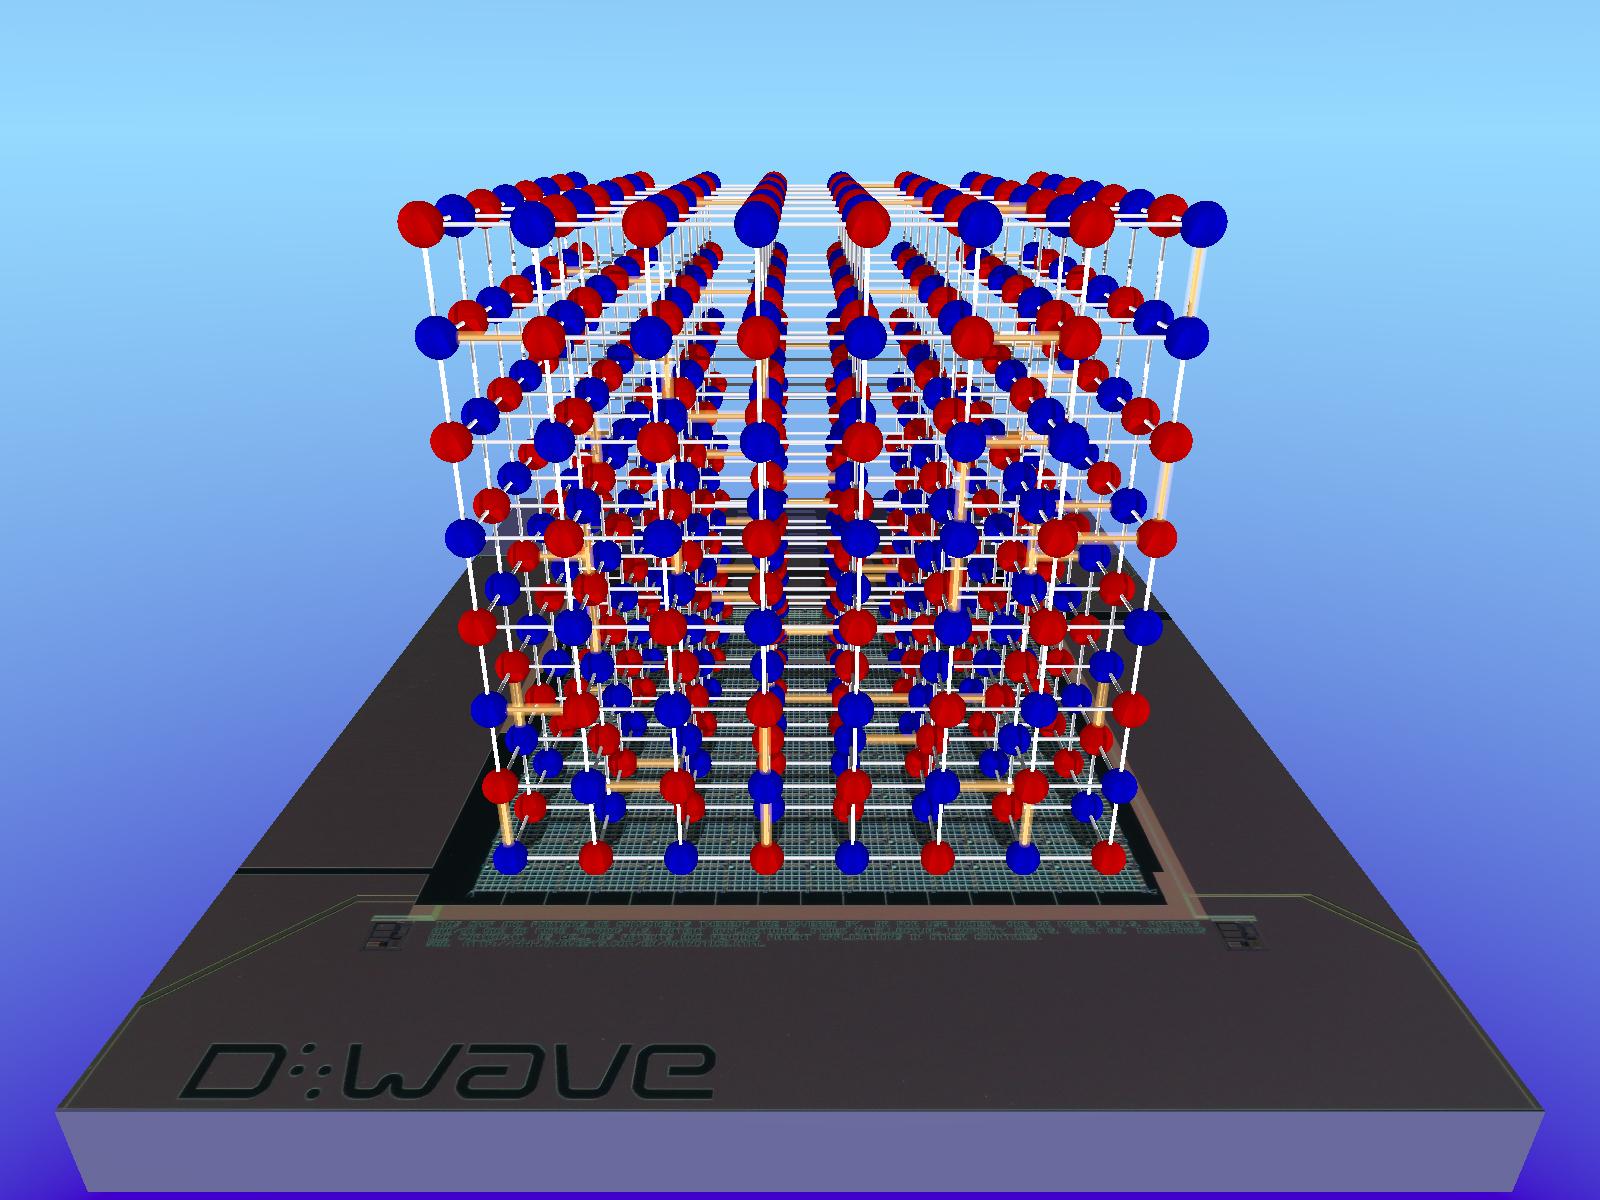 D-Wave's quantum computer successfully models a quantum